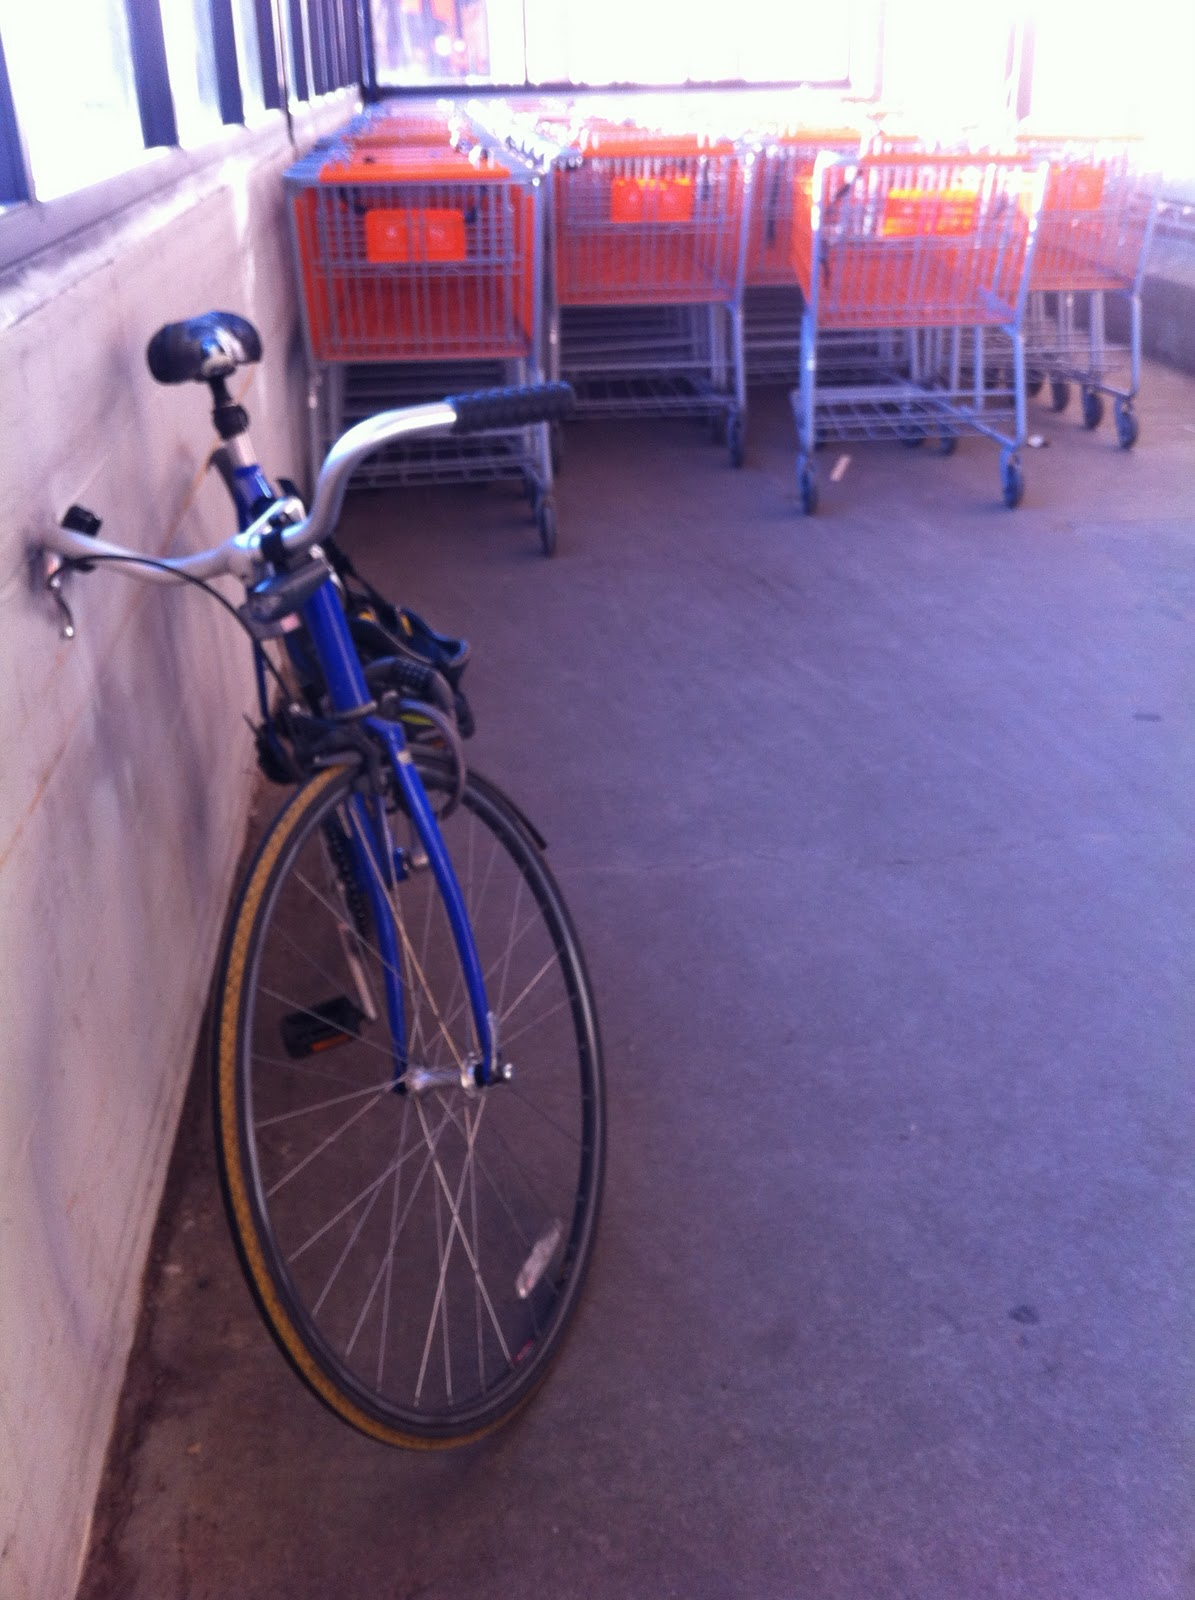 Biking in Heels: January 2012